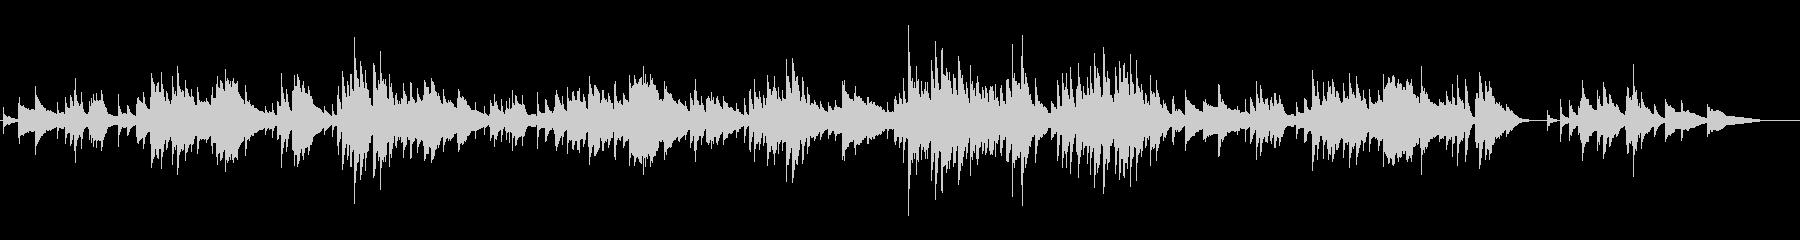 ハープソロ『トロイメライ』の未再生の波形